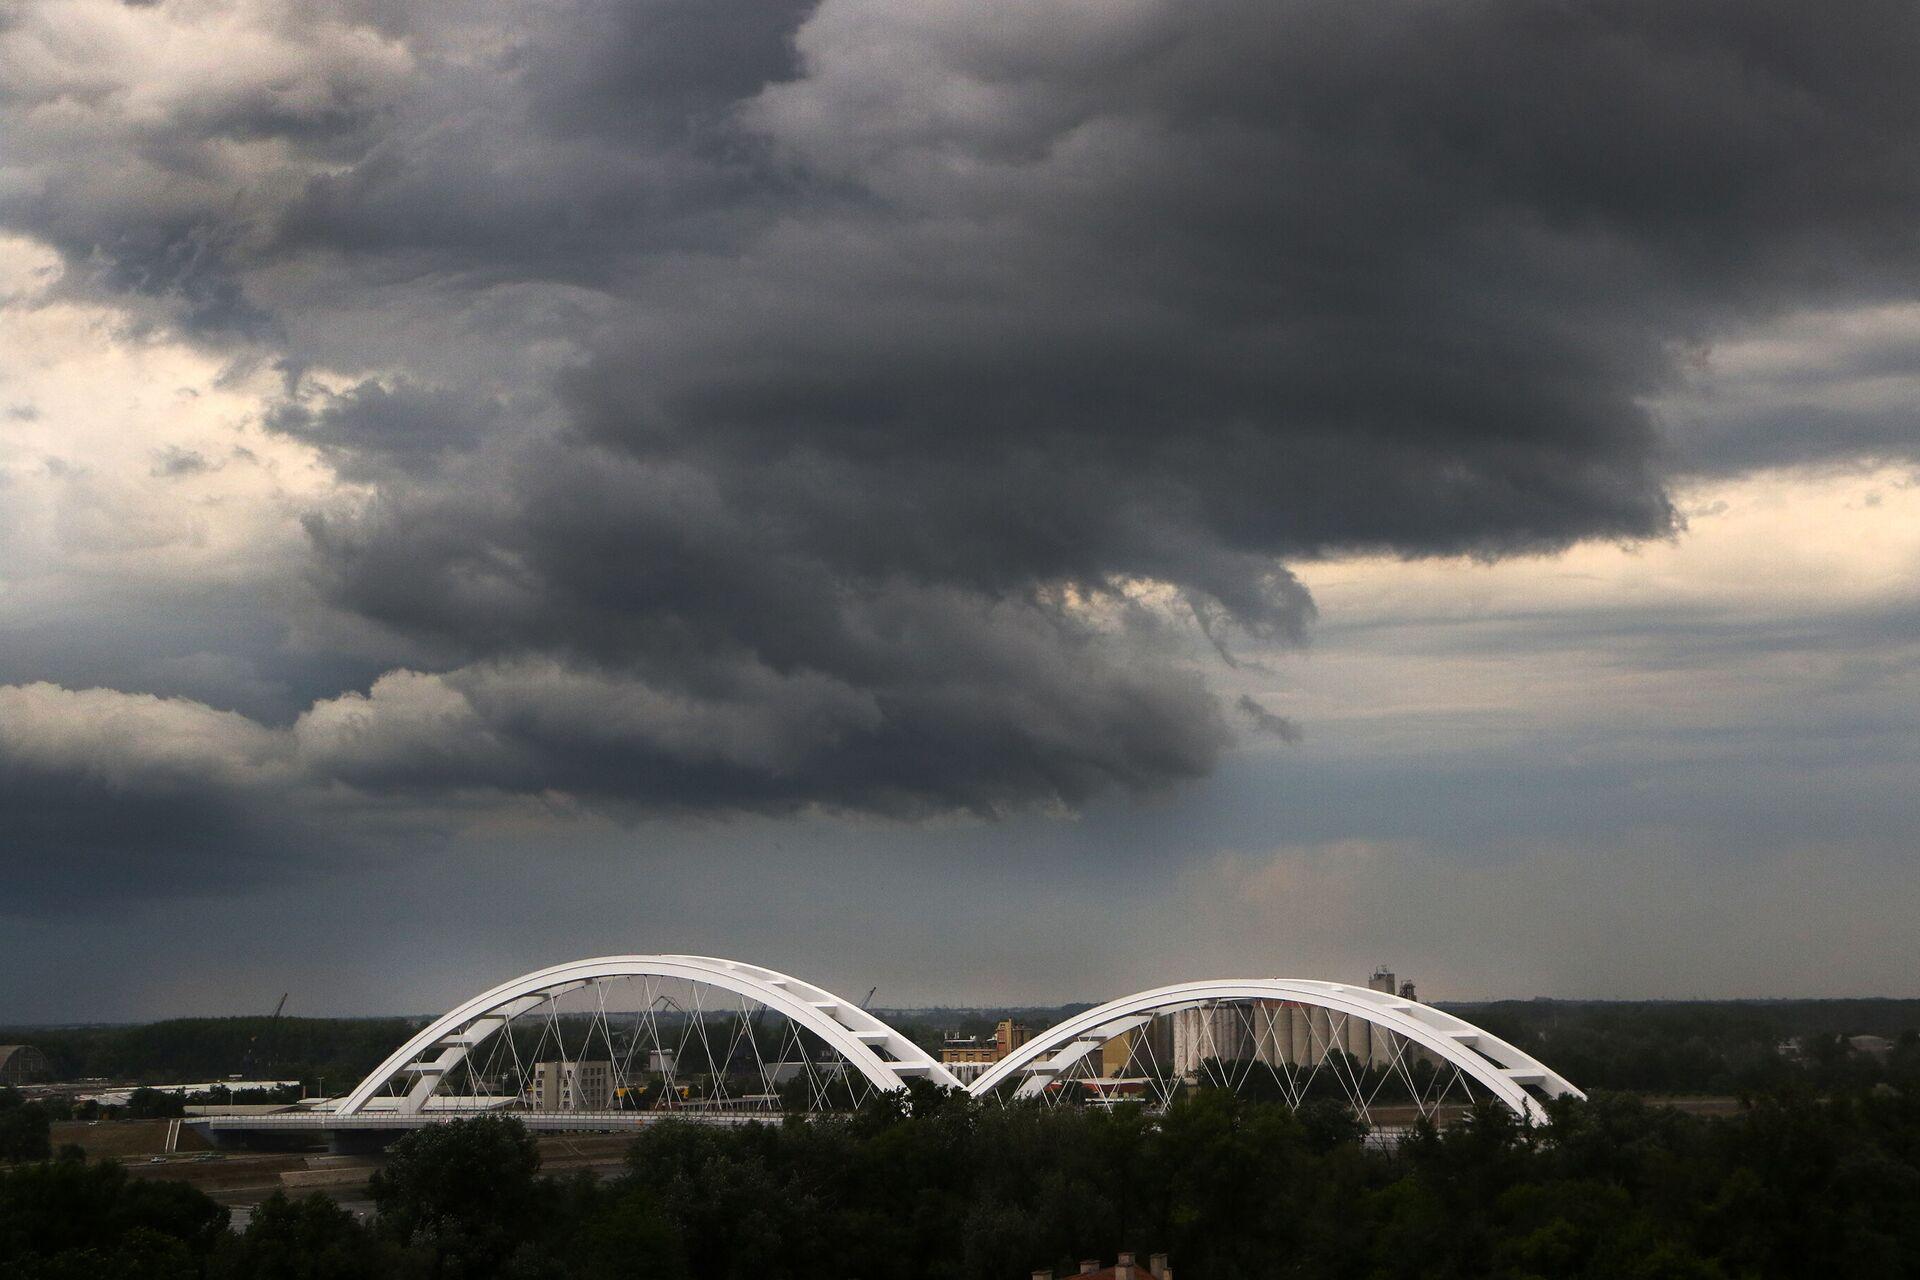 Olujni oblaci nad Novim Sadom. - Sputnik Srbija, 1920, 13.07.2021